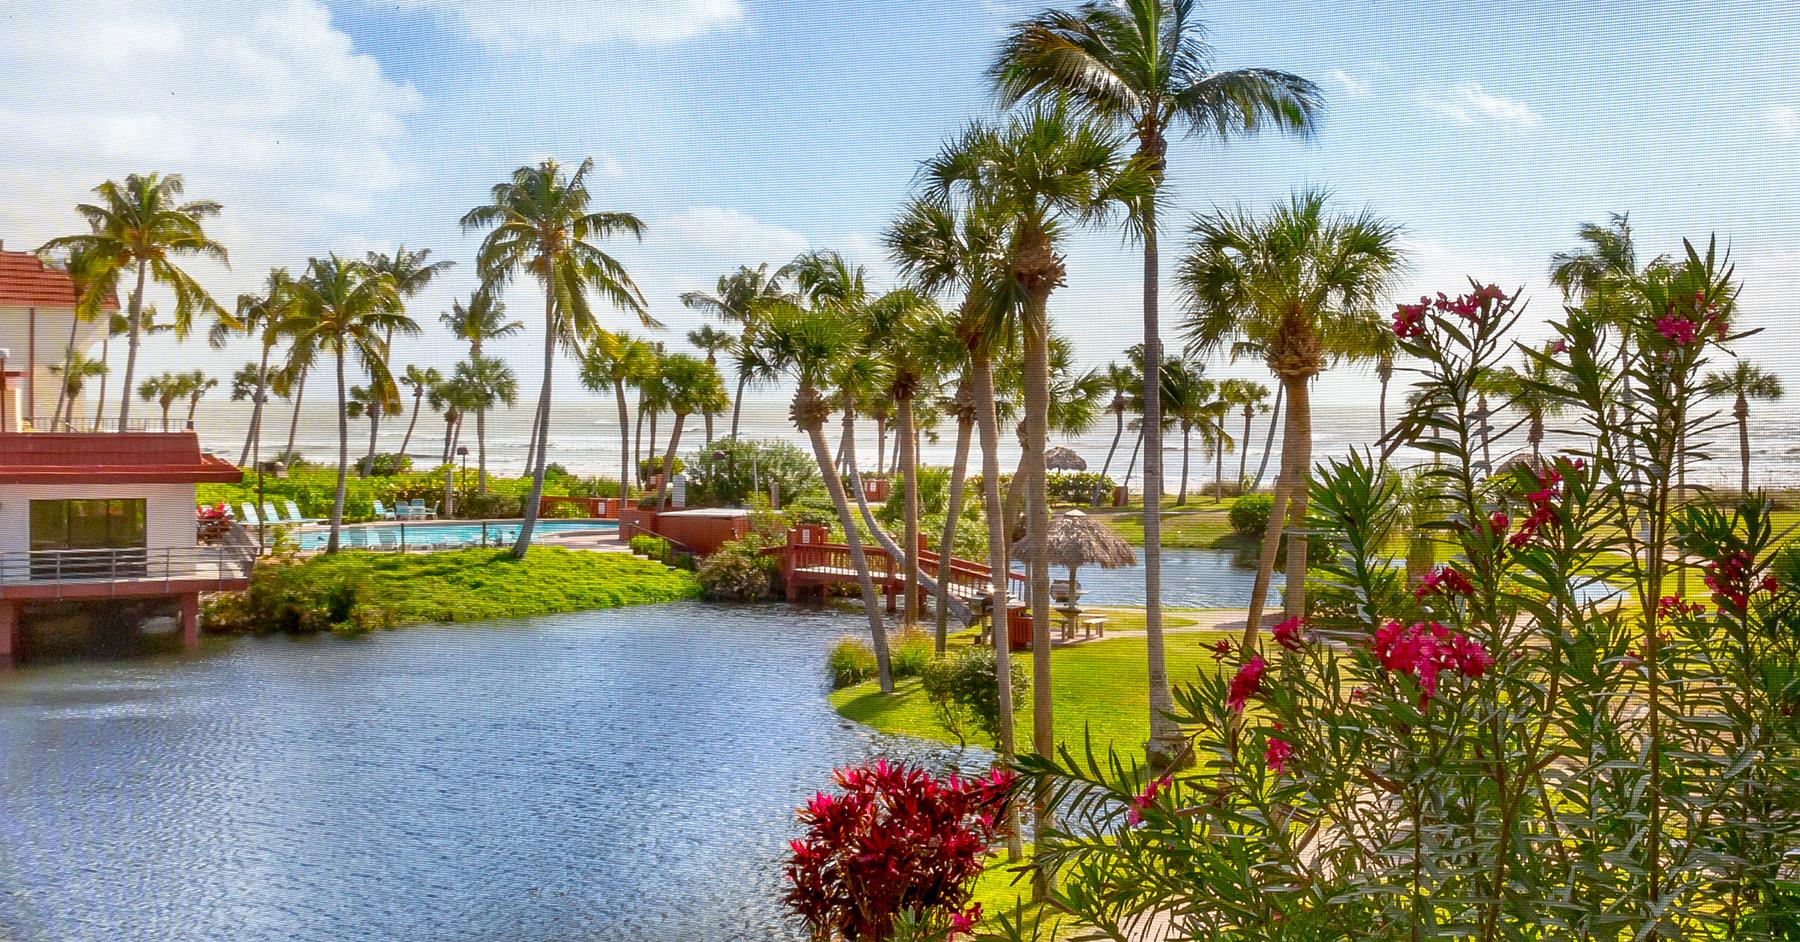 共管式独立产权公寓 为 销售 在 SANIBEL 2445 West Gulf Dr B-25 撒你贝尔, 佛罗里达州, 33957 美国